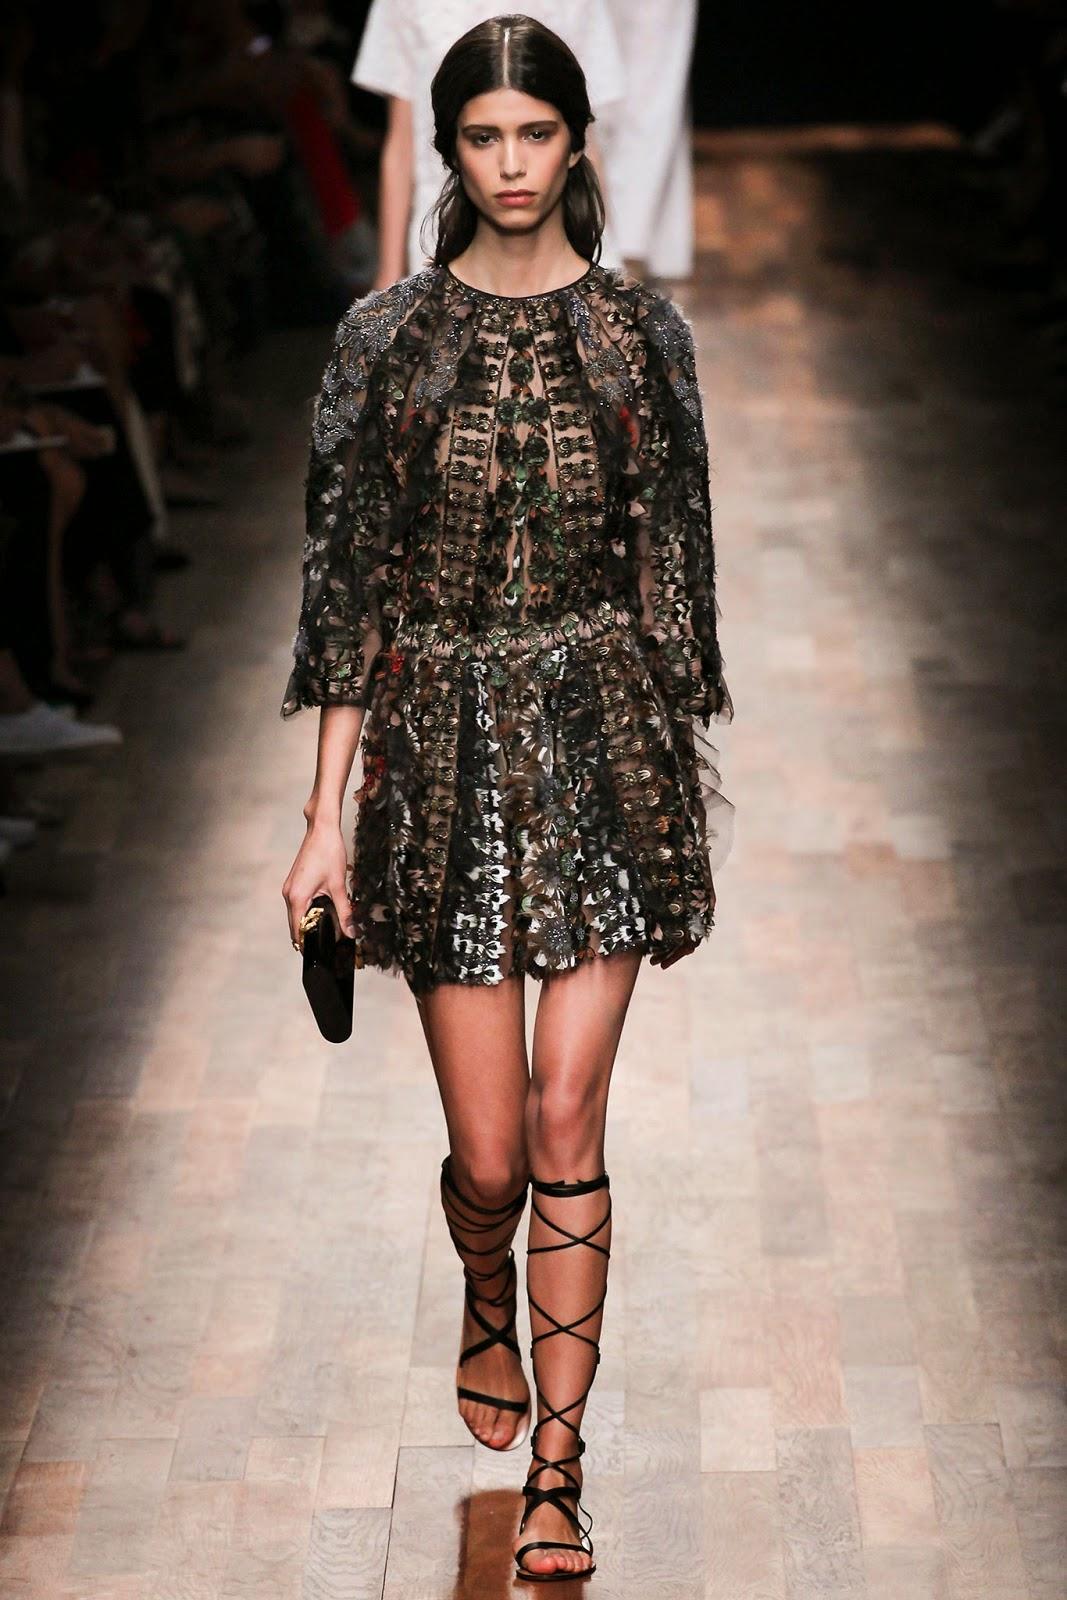 valentino 2015 summer 2016 trend women dress30 Valentino 2015 samling, våren sommaren 2016 Valentino klänning modeller, Valentino kväll klänning nya säsongen kvinnors kjolar modeller